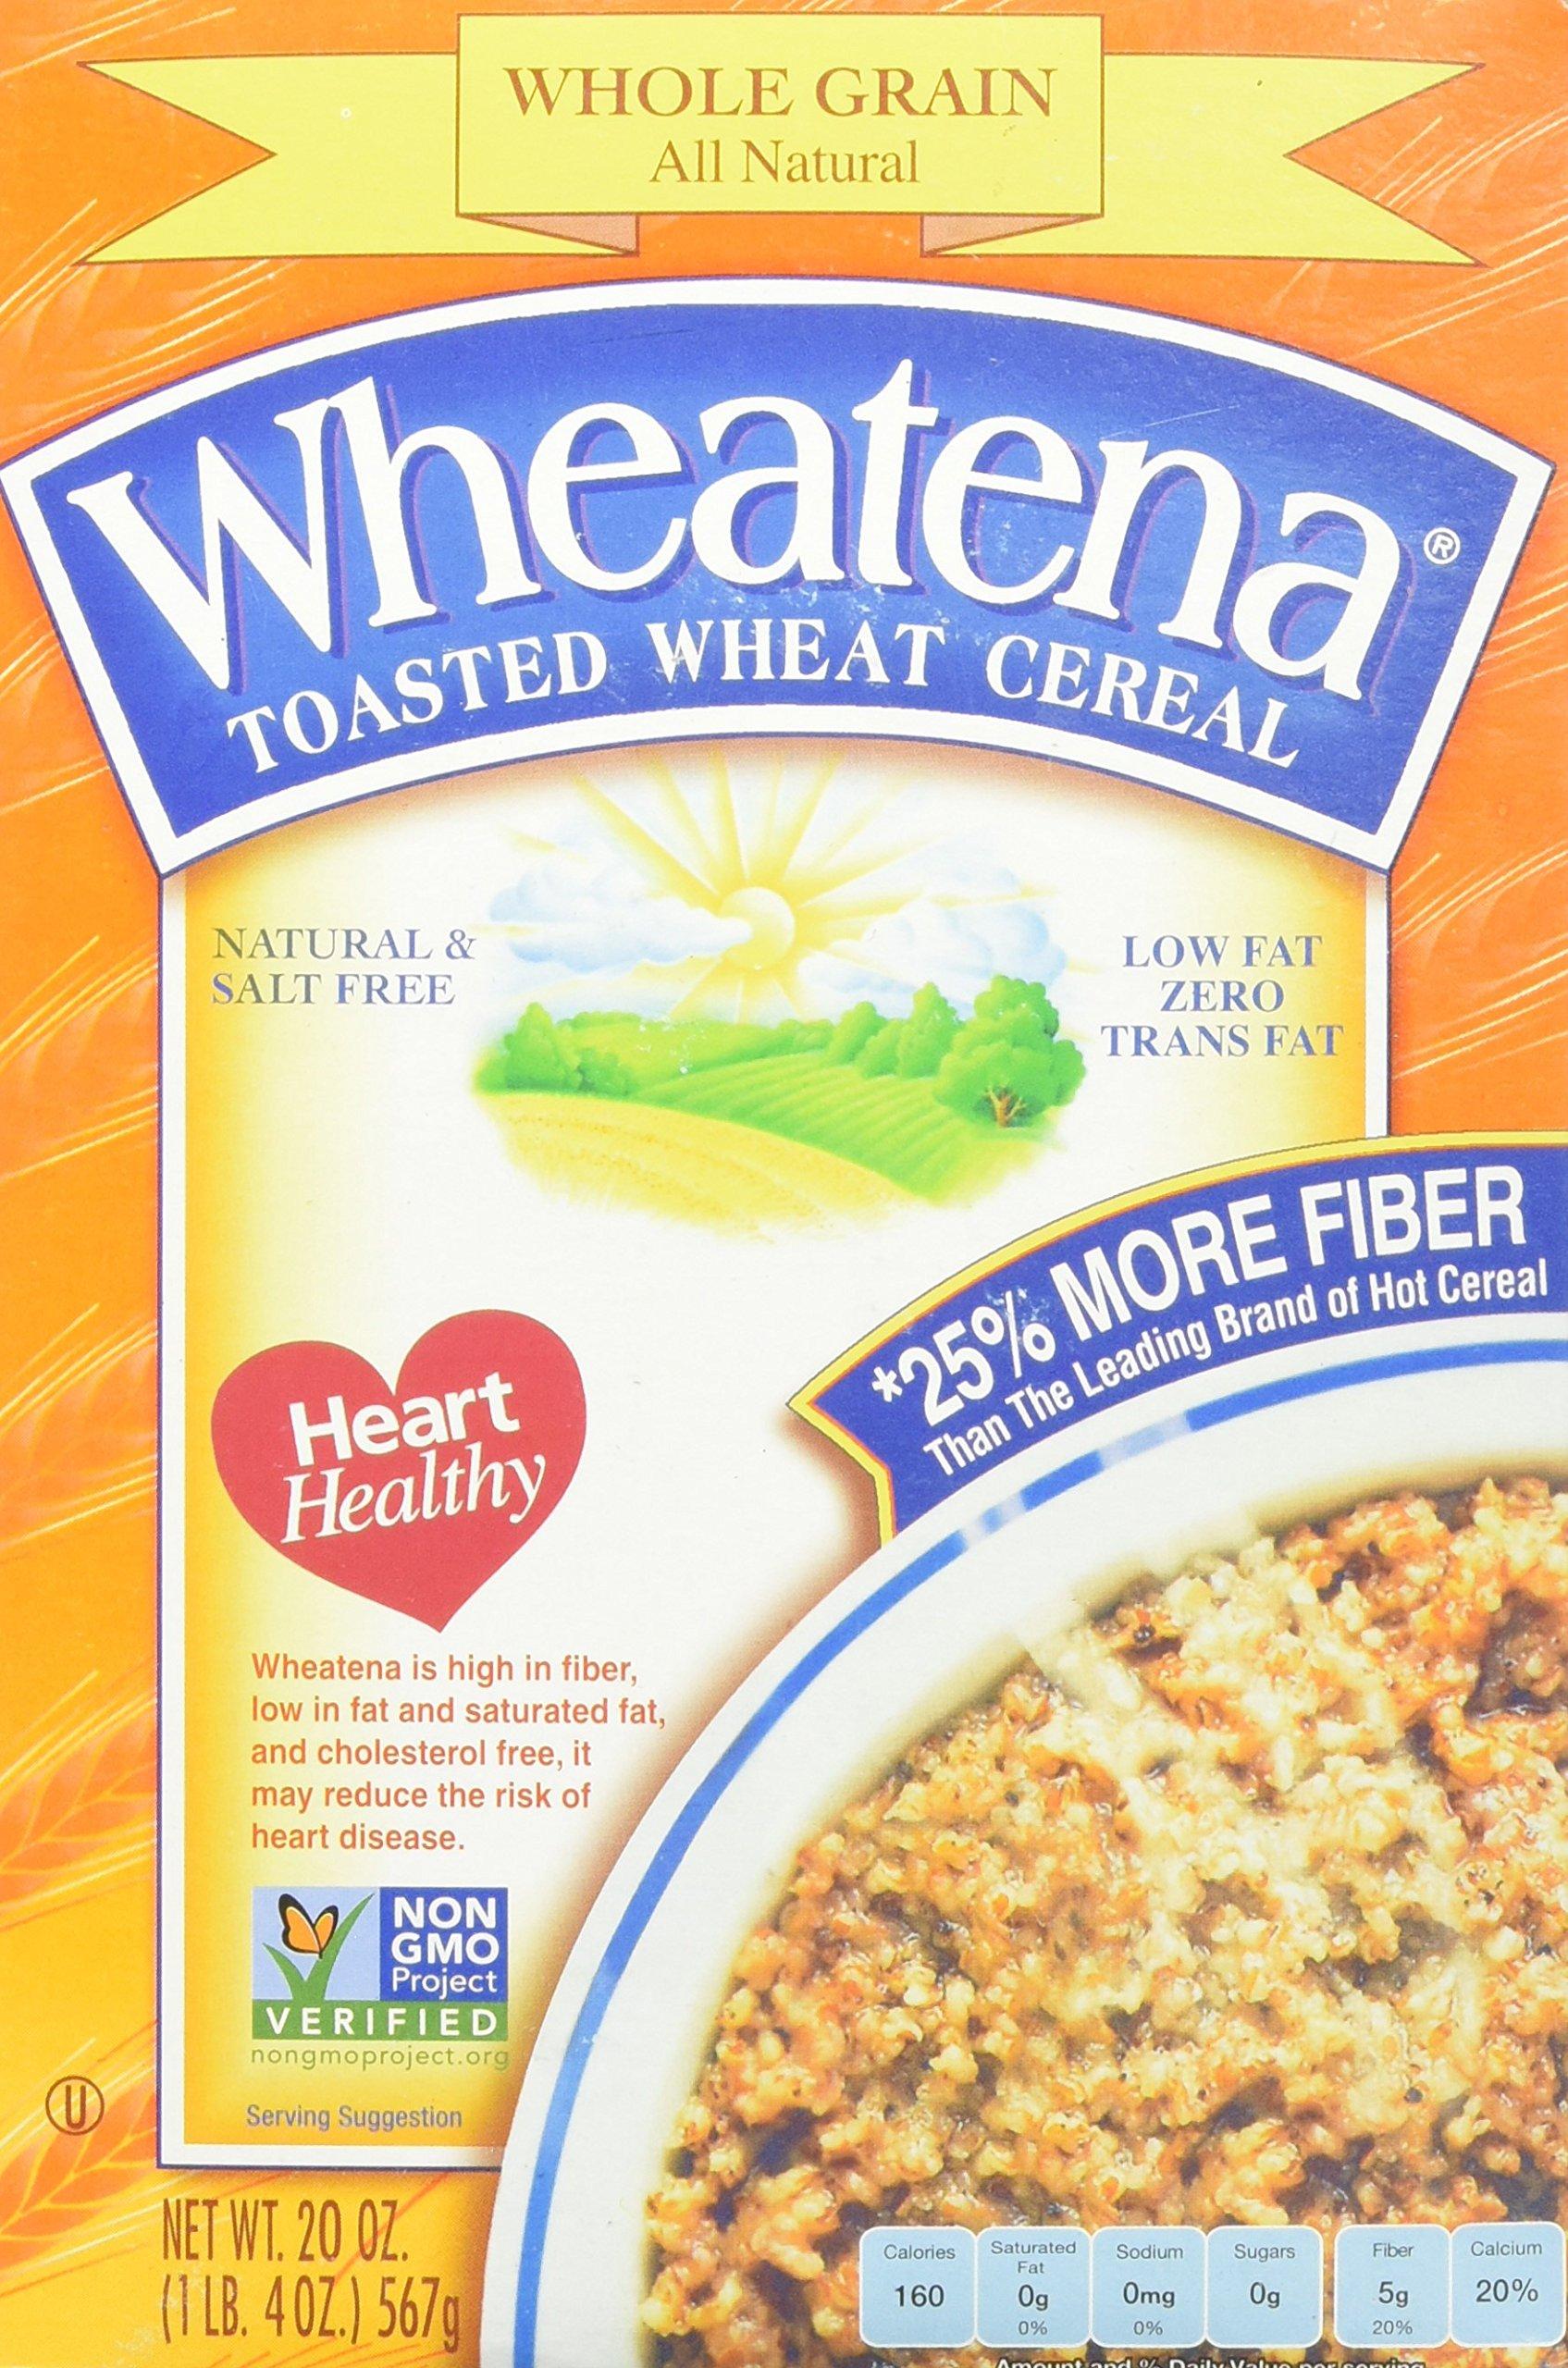 WHEATENA CEREAL (1) 20 oz Box